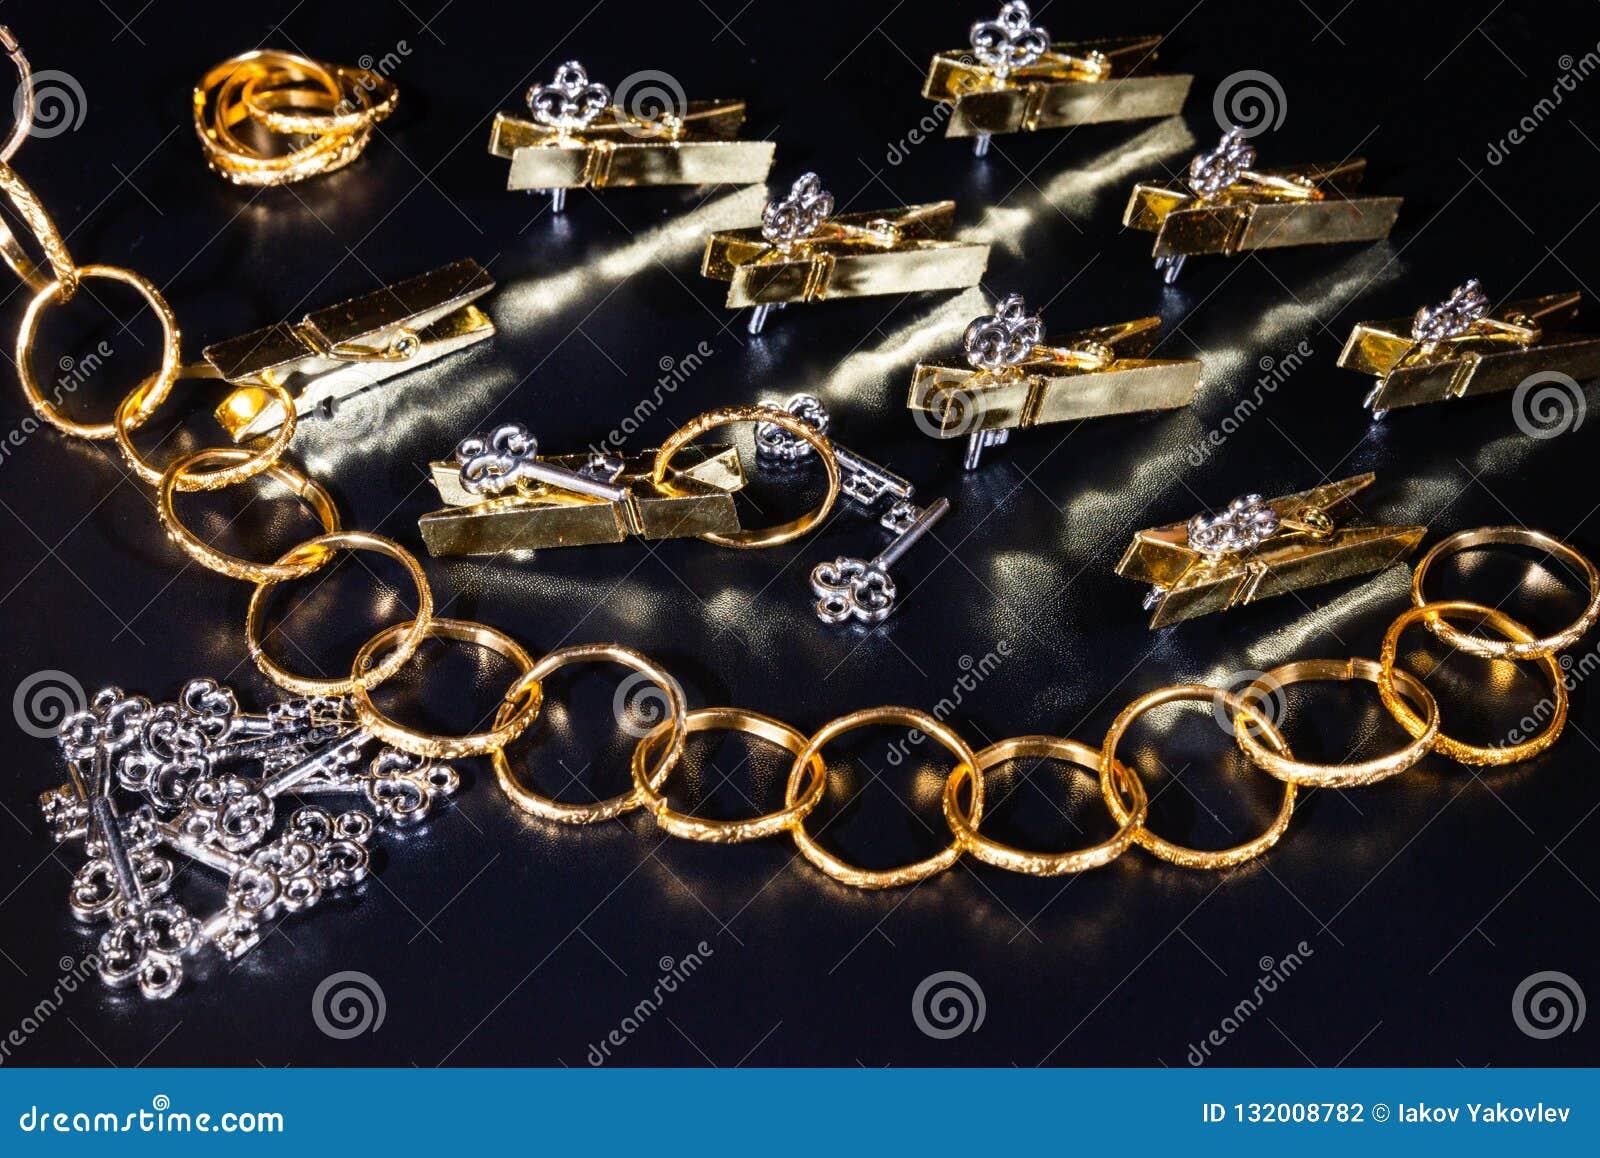 Gouden beeldjes, gouden ringen, zilveren sleutels, wasknijpers